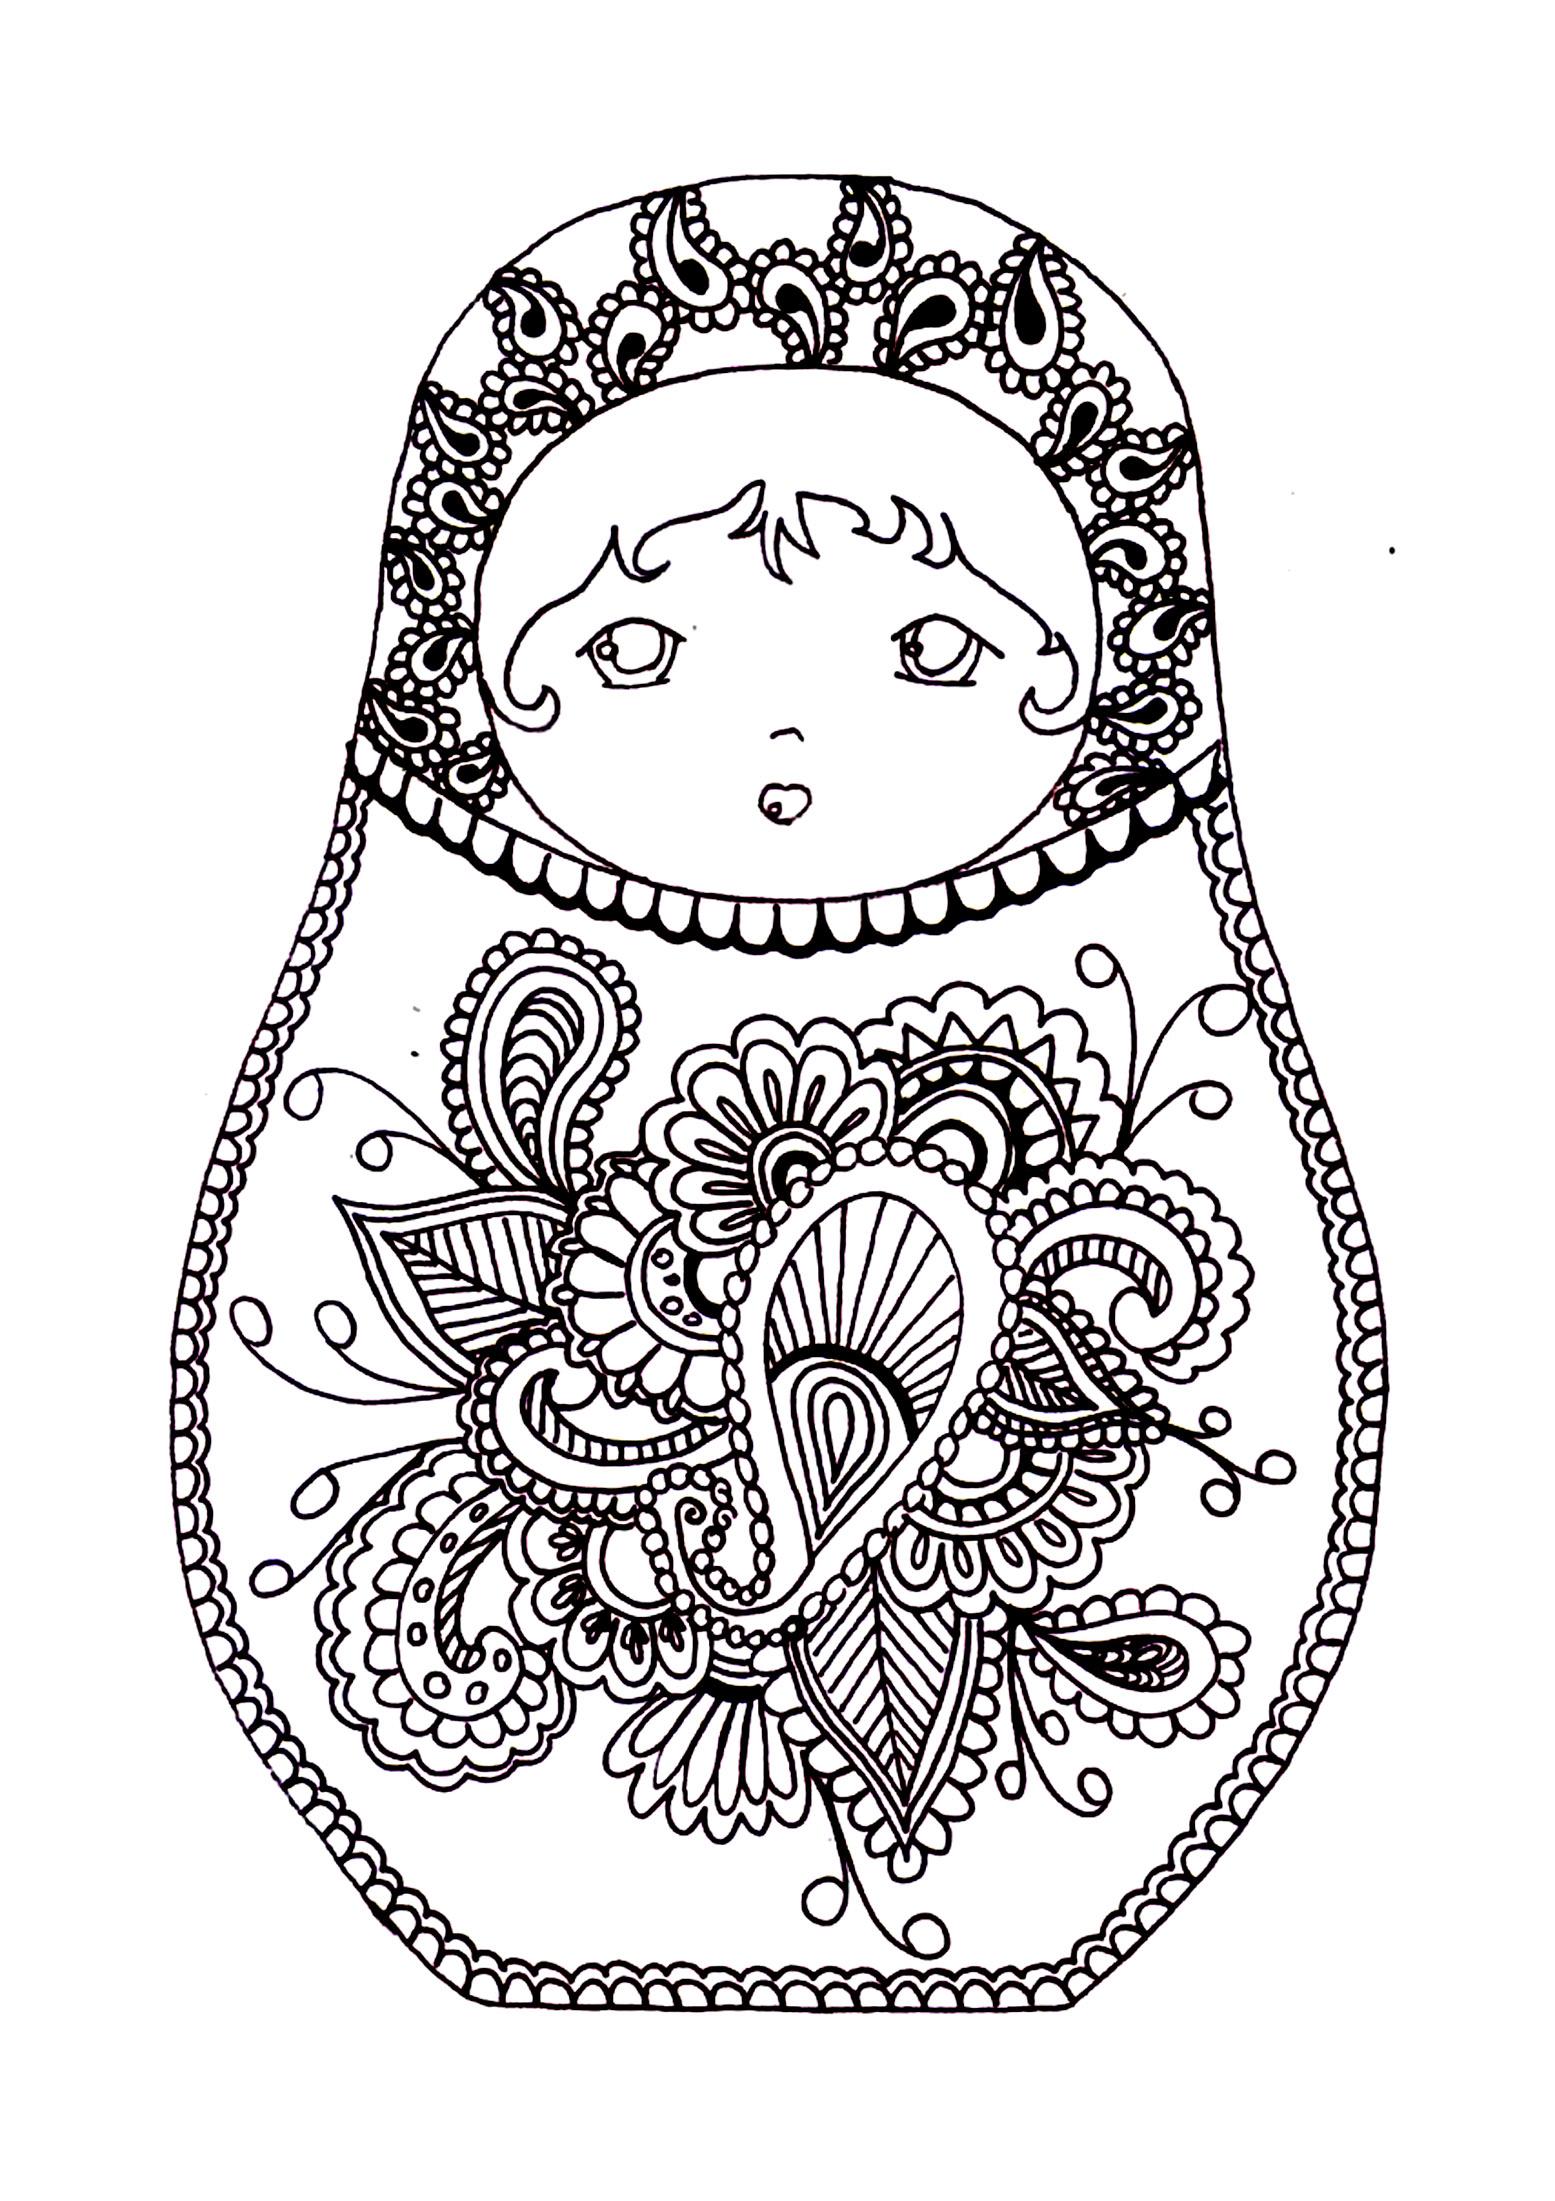 Disegni da colorare per adulti : Bambole russe - 11